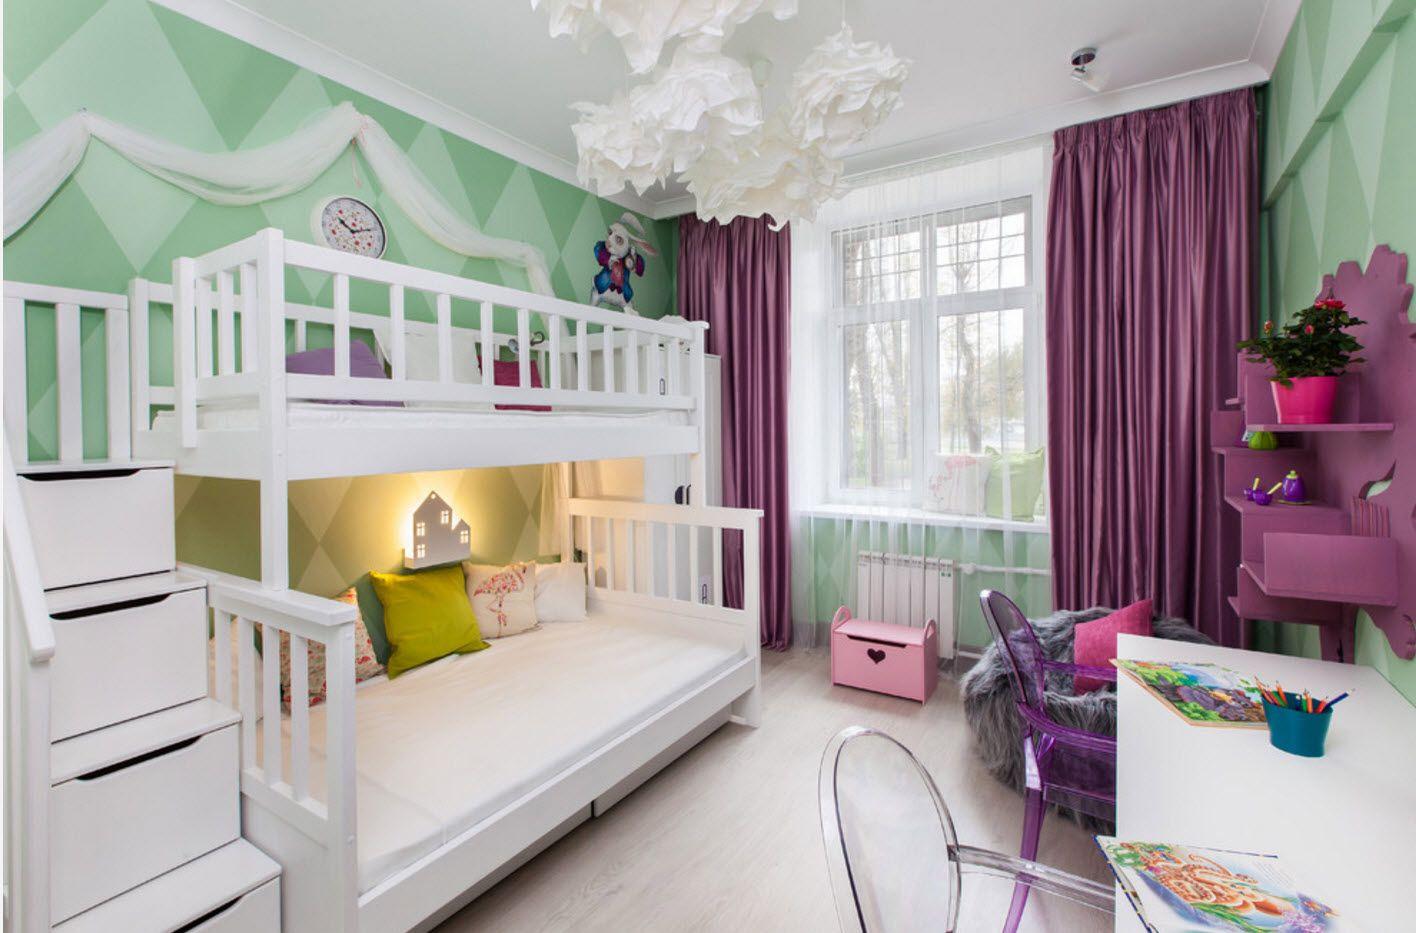 Bright accent of purple drapes